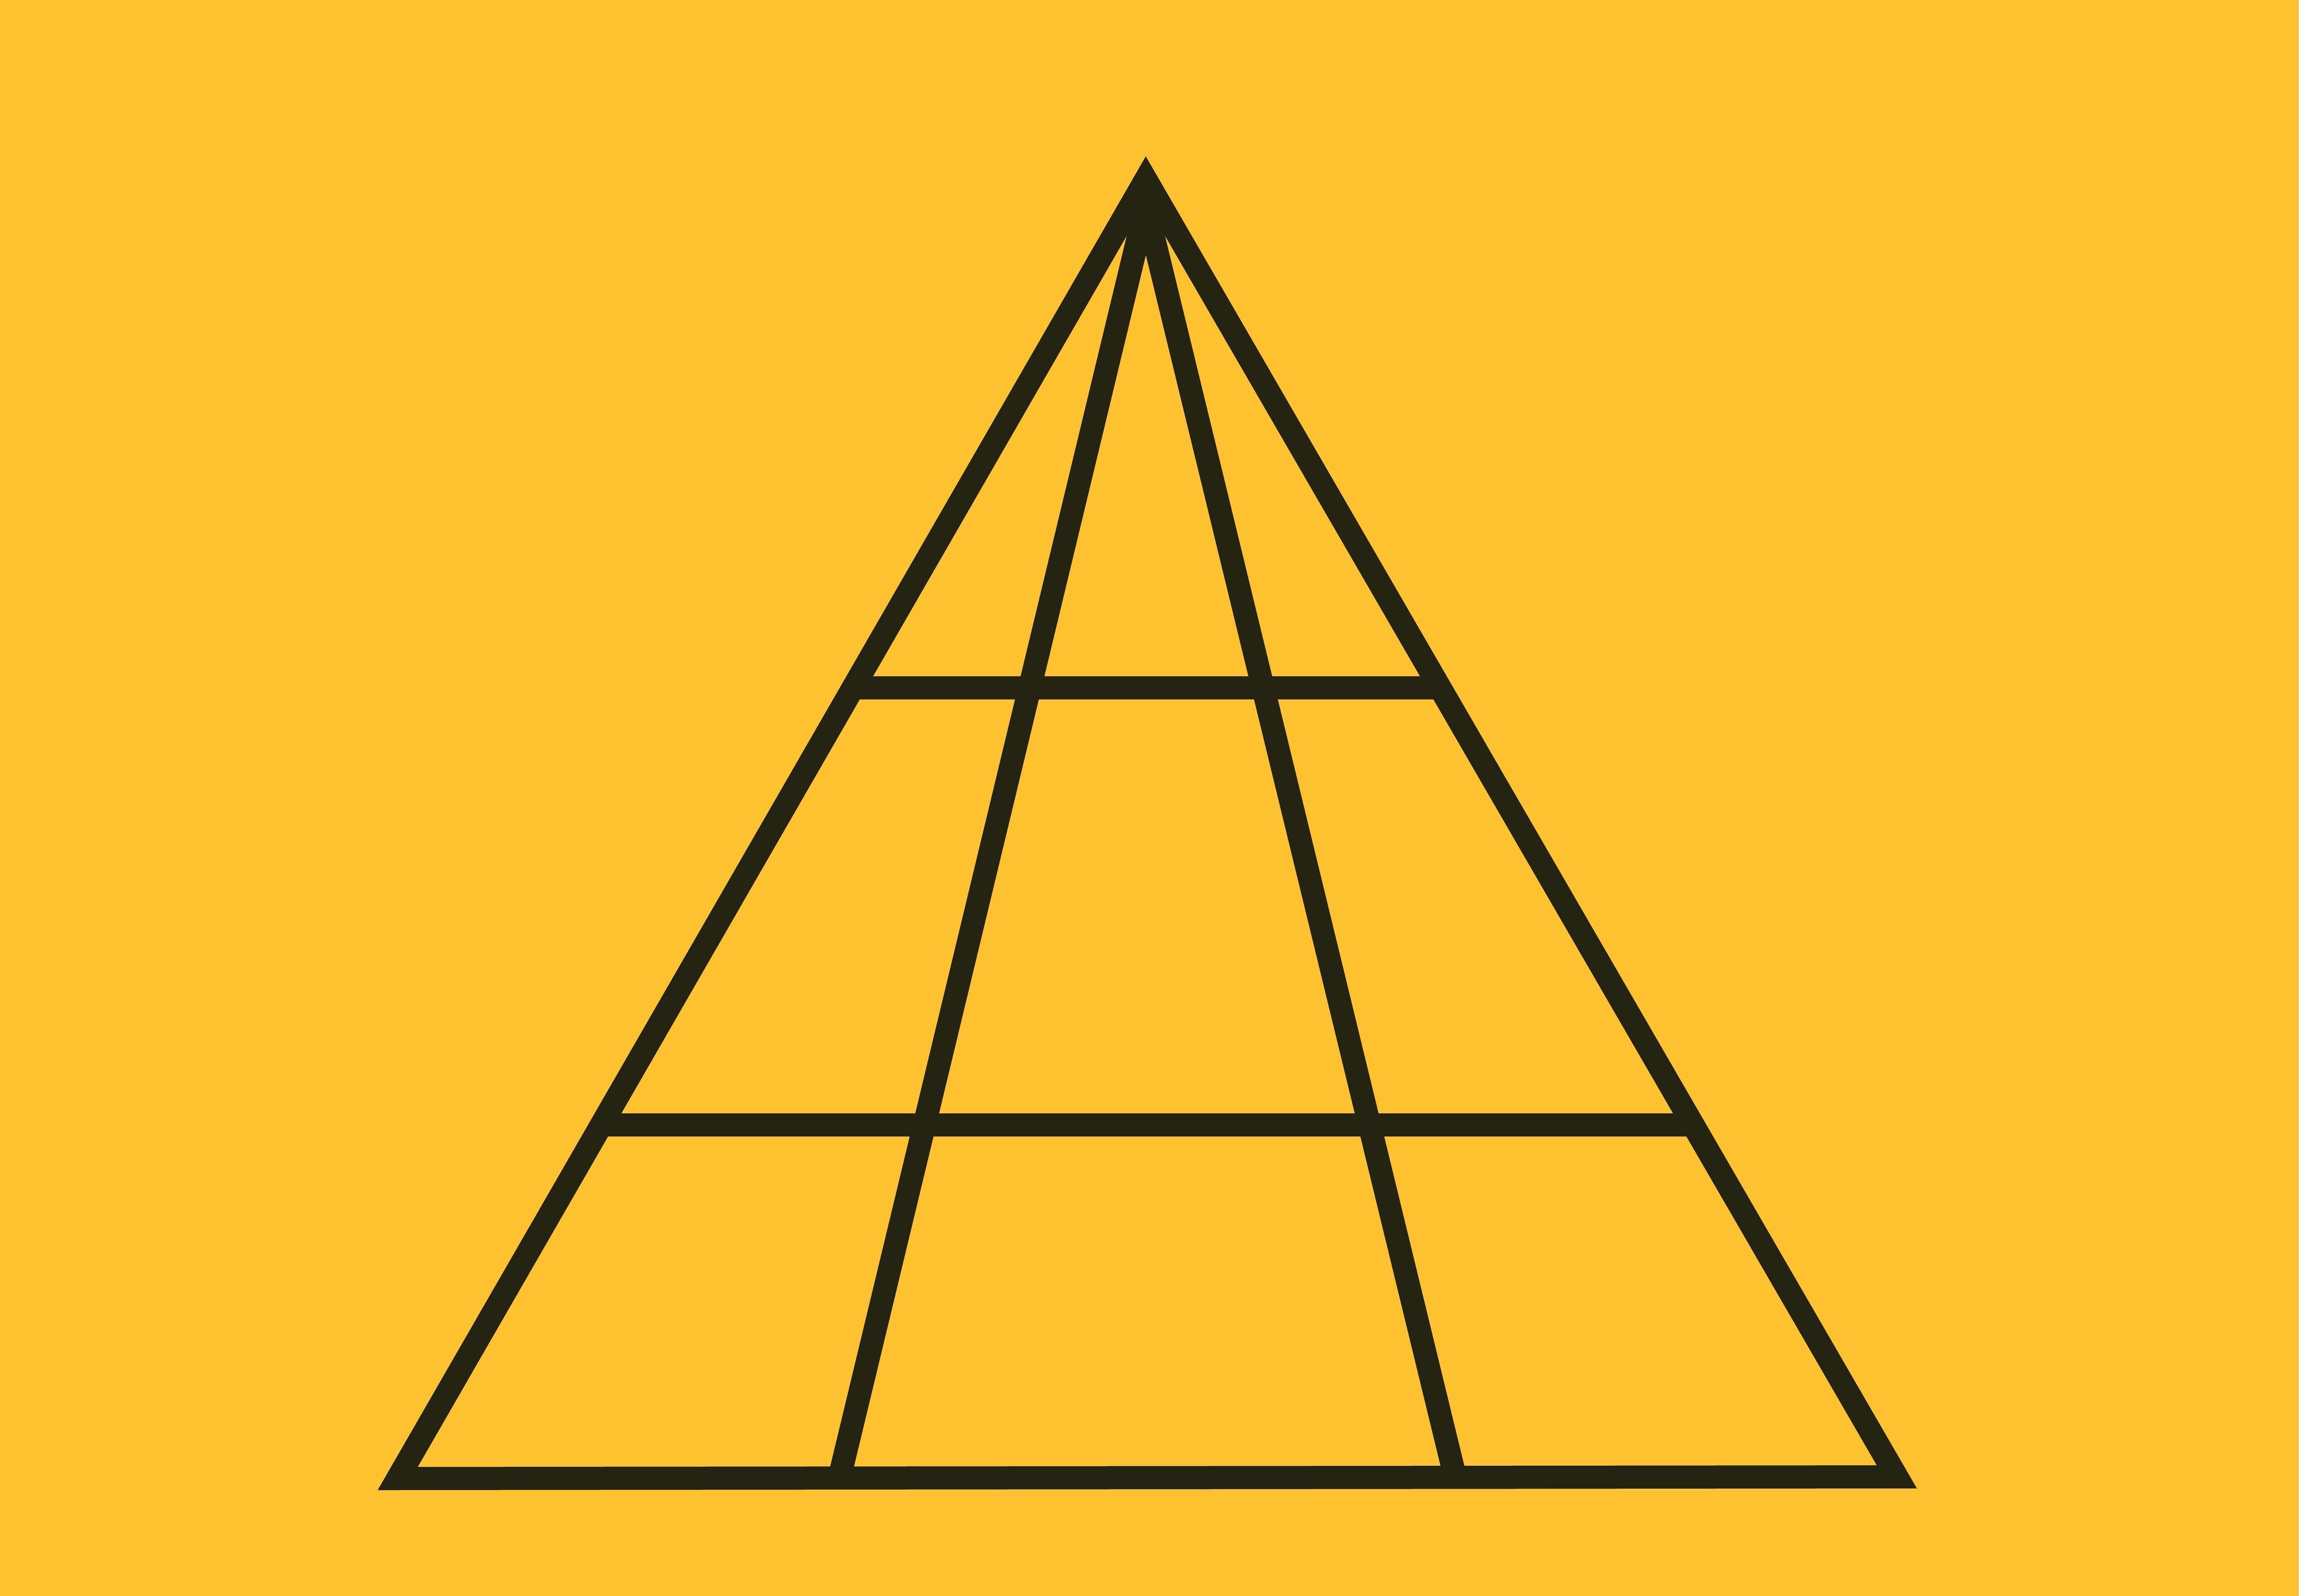 Câte triunghiuri sunt în această imagine, de fapt. Răspunsul corect te va surprinde